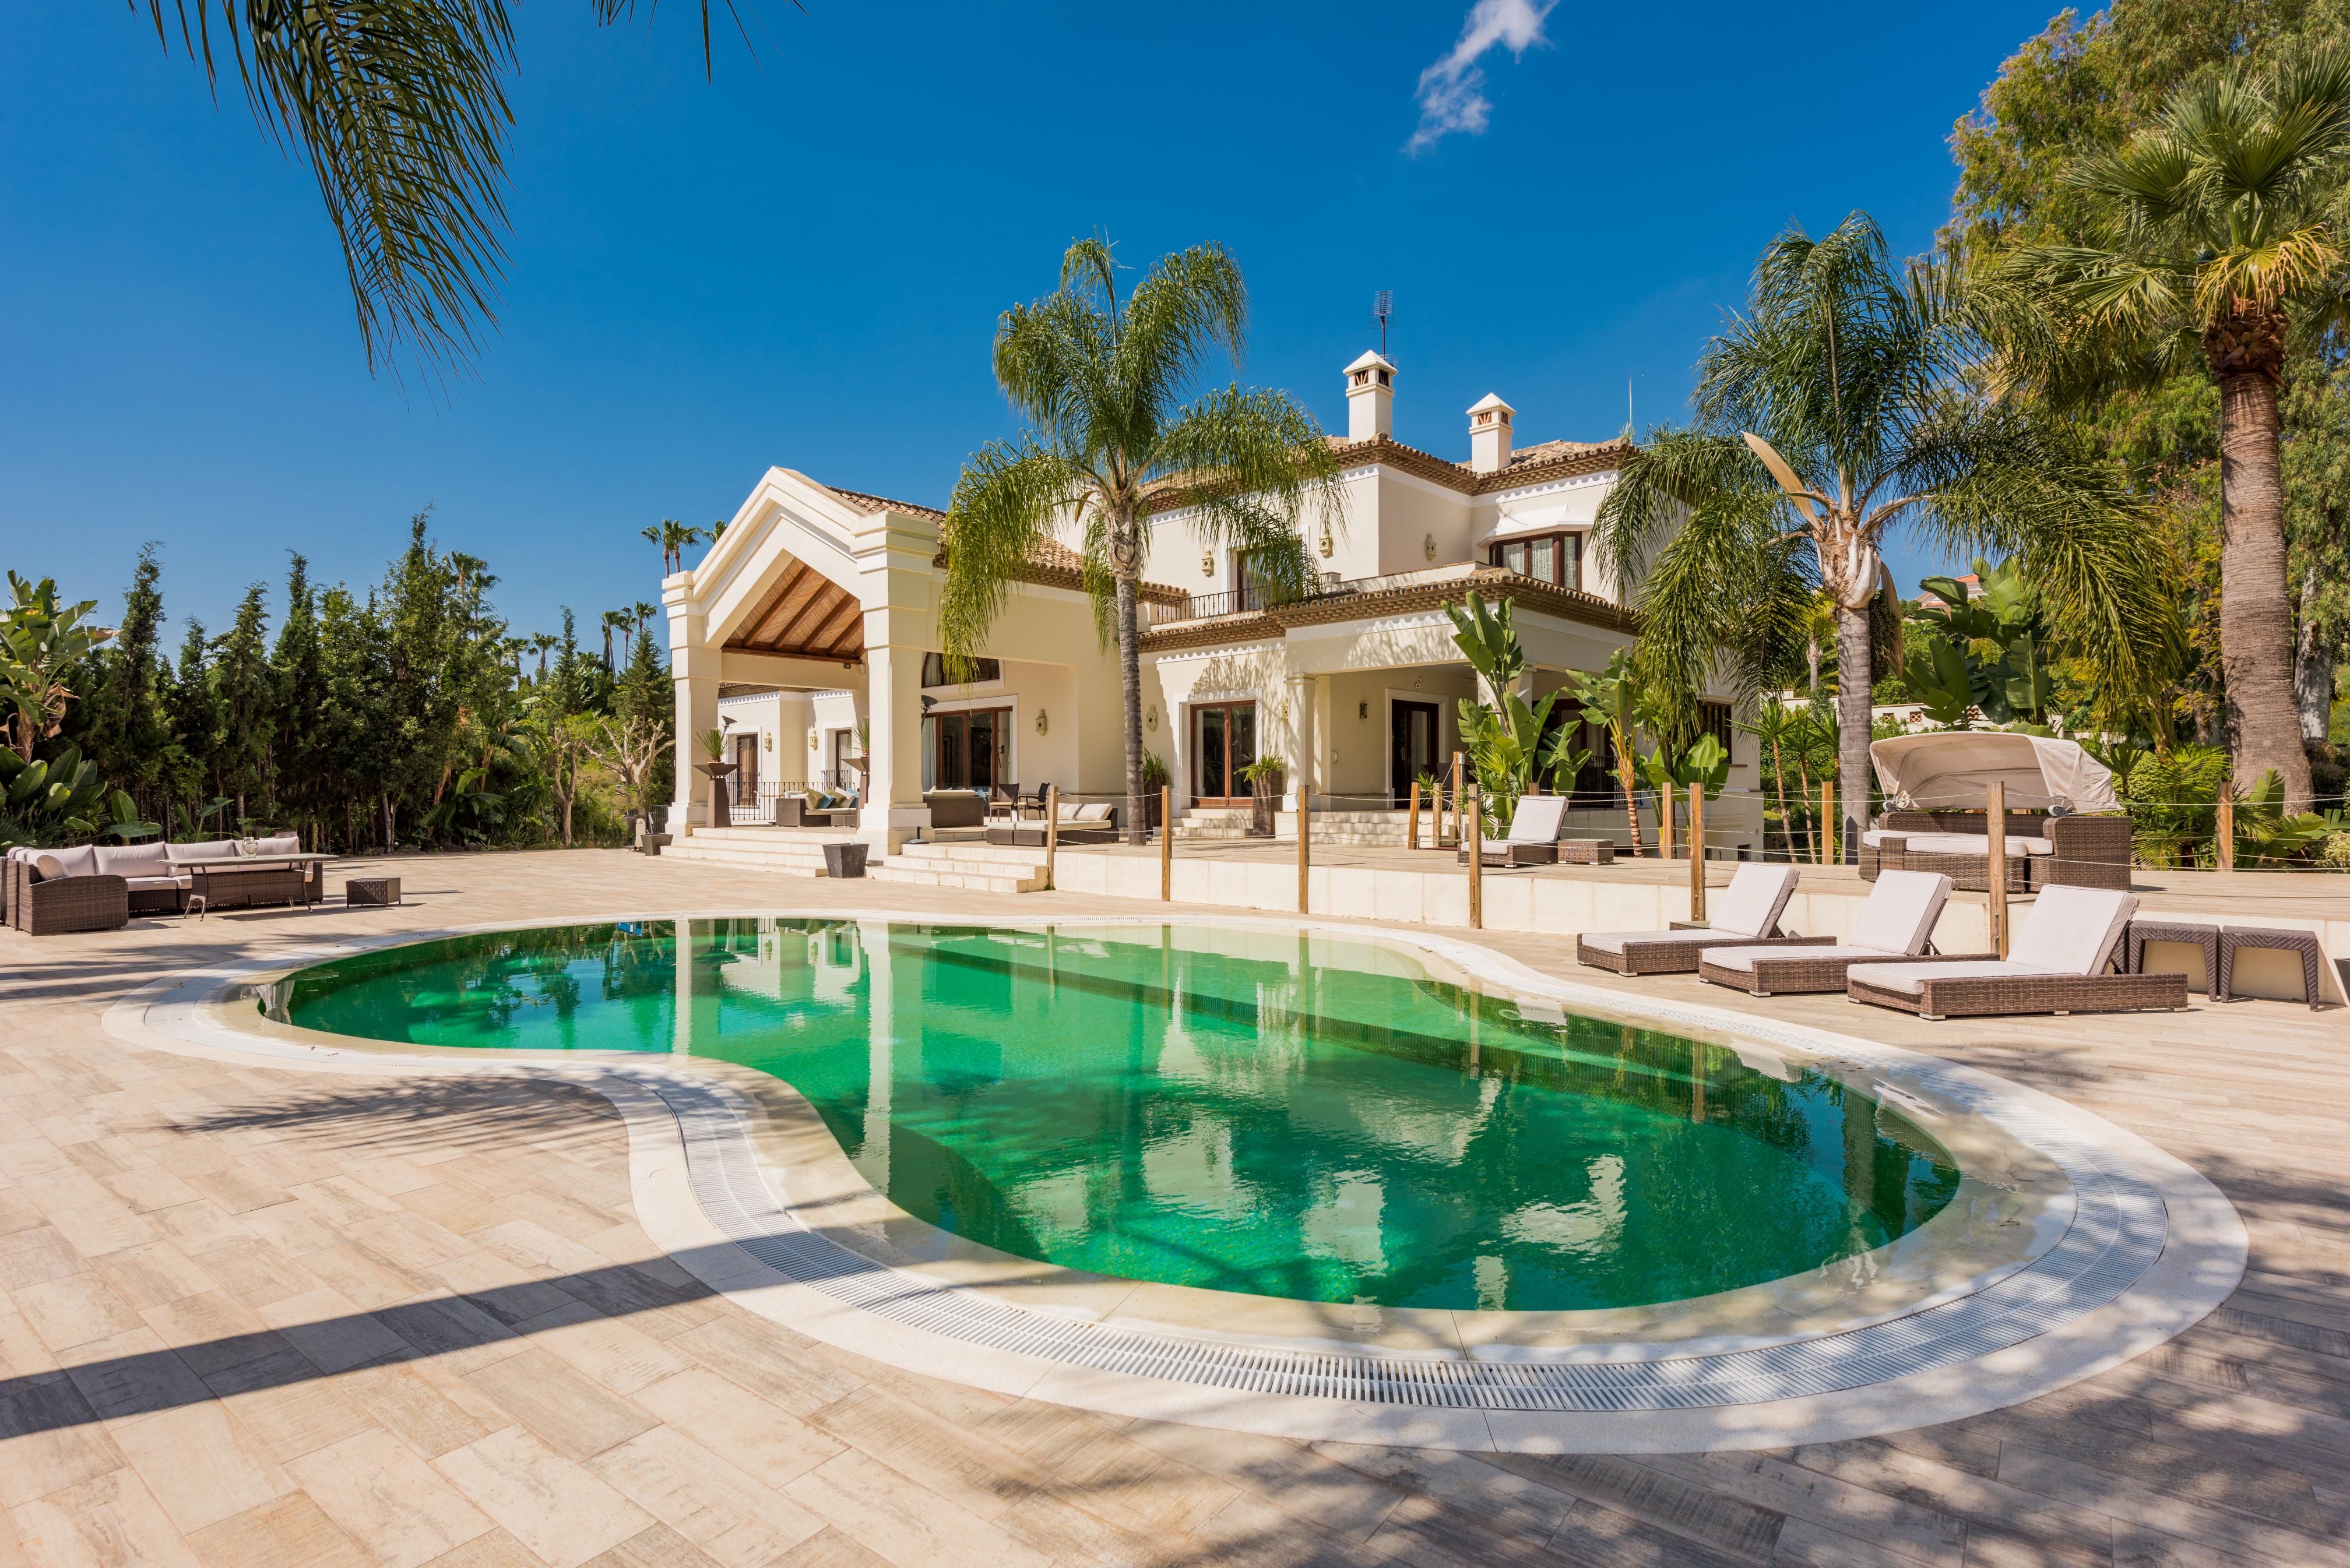 Elegant 6-Bedroom Frontline Golf Villa in La Cerquilla (Los Naranjos), Marbella